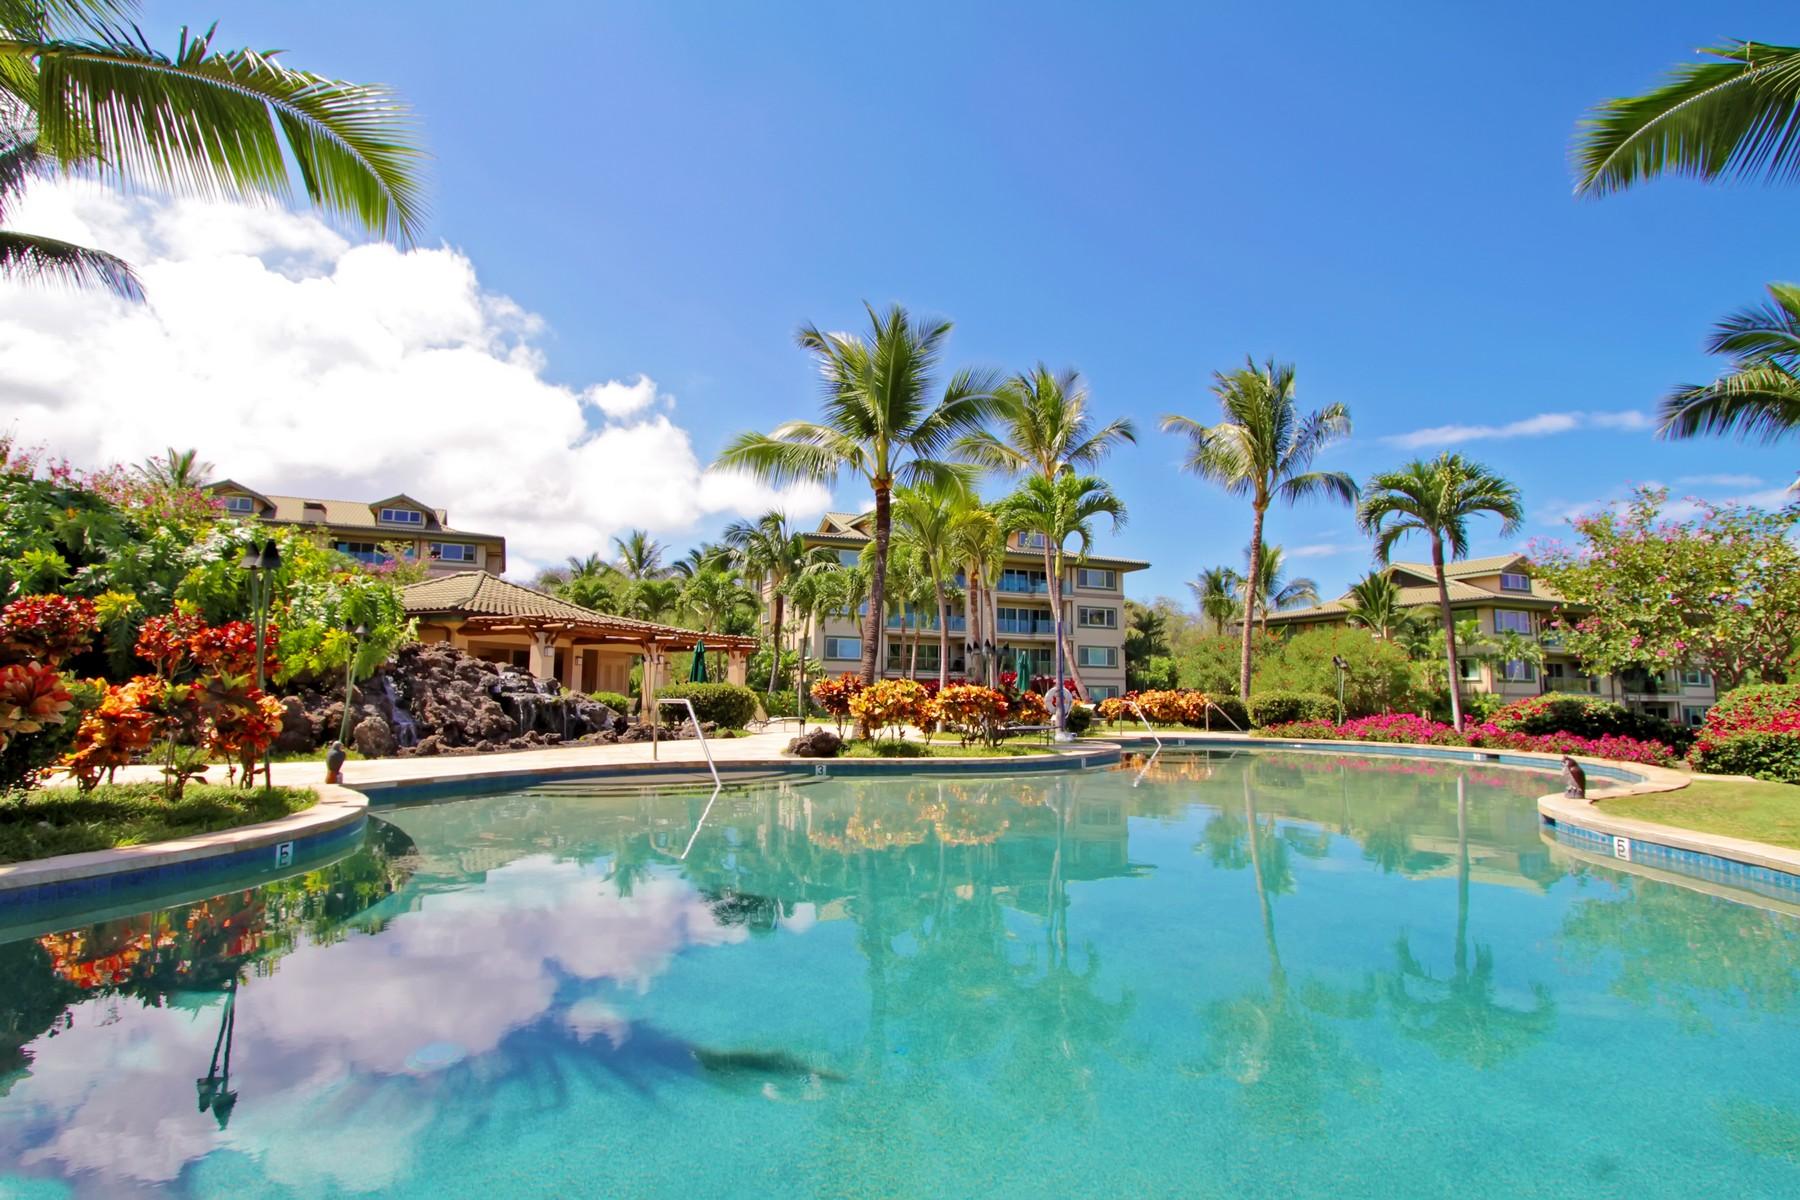 Eigentumswohnung für Verkauf beim Inspired Island Living Makena Style 4955 Makena Road, Na Hale O Makena D-201 Makena, Hawaii, 96753 Vereinigte Staaten